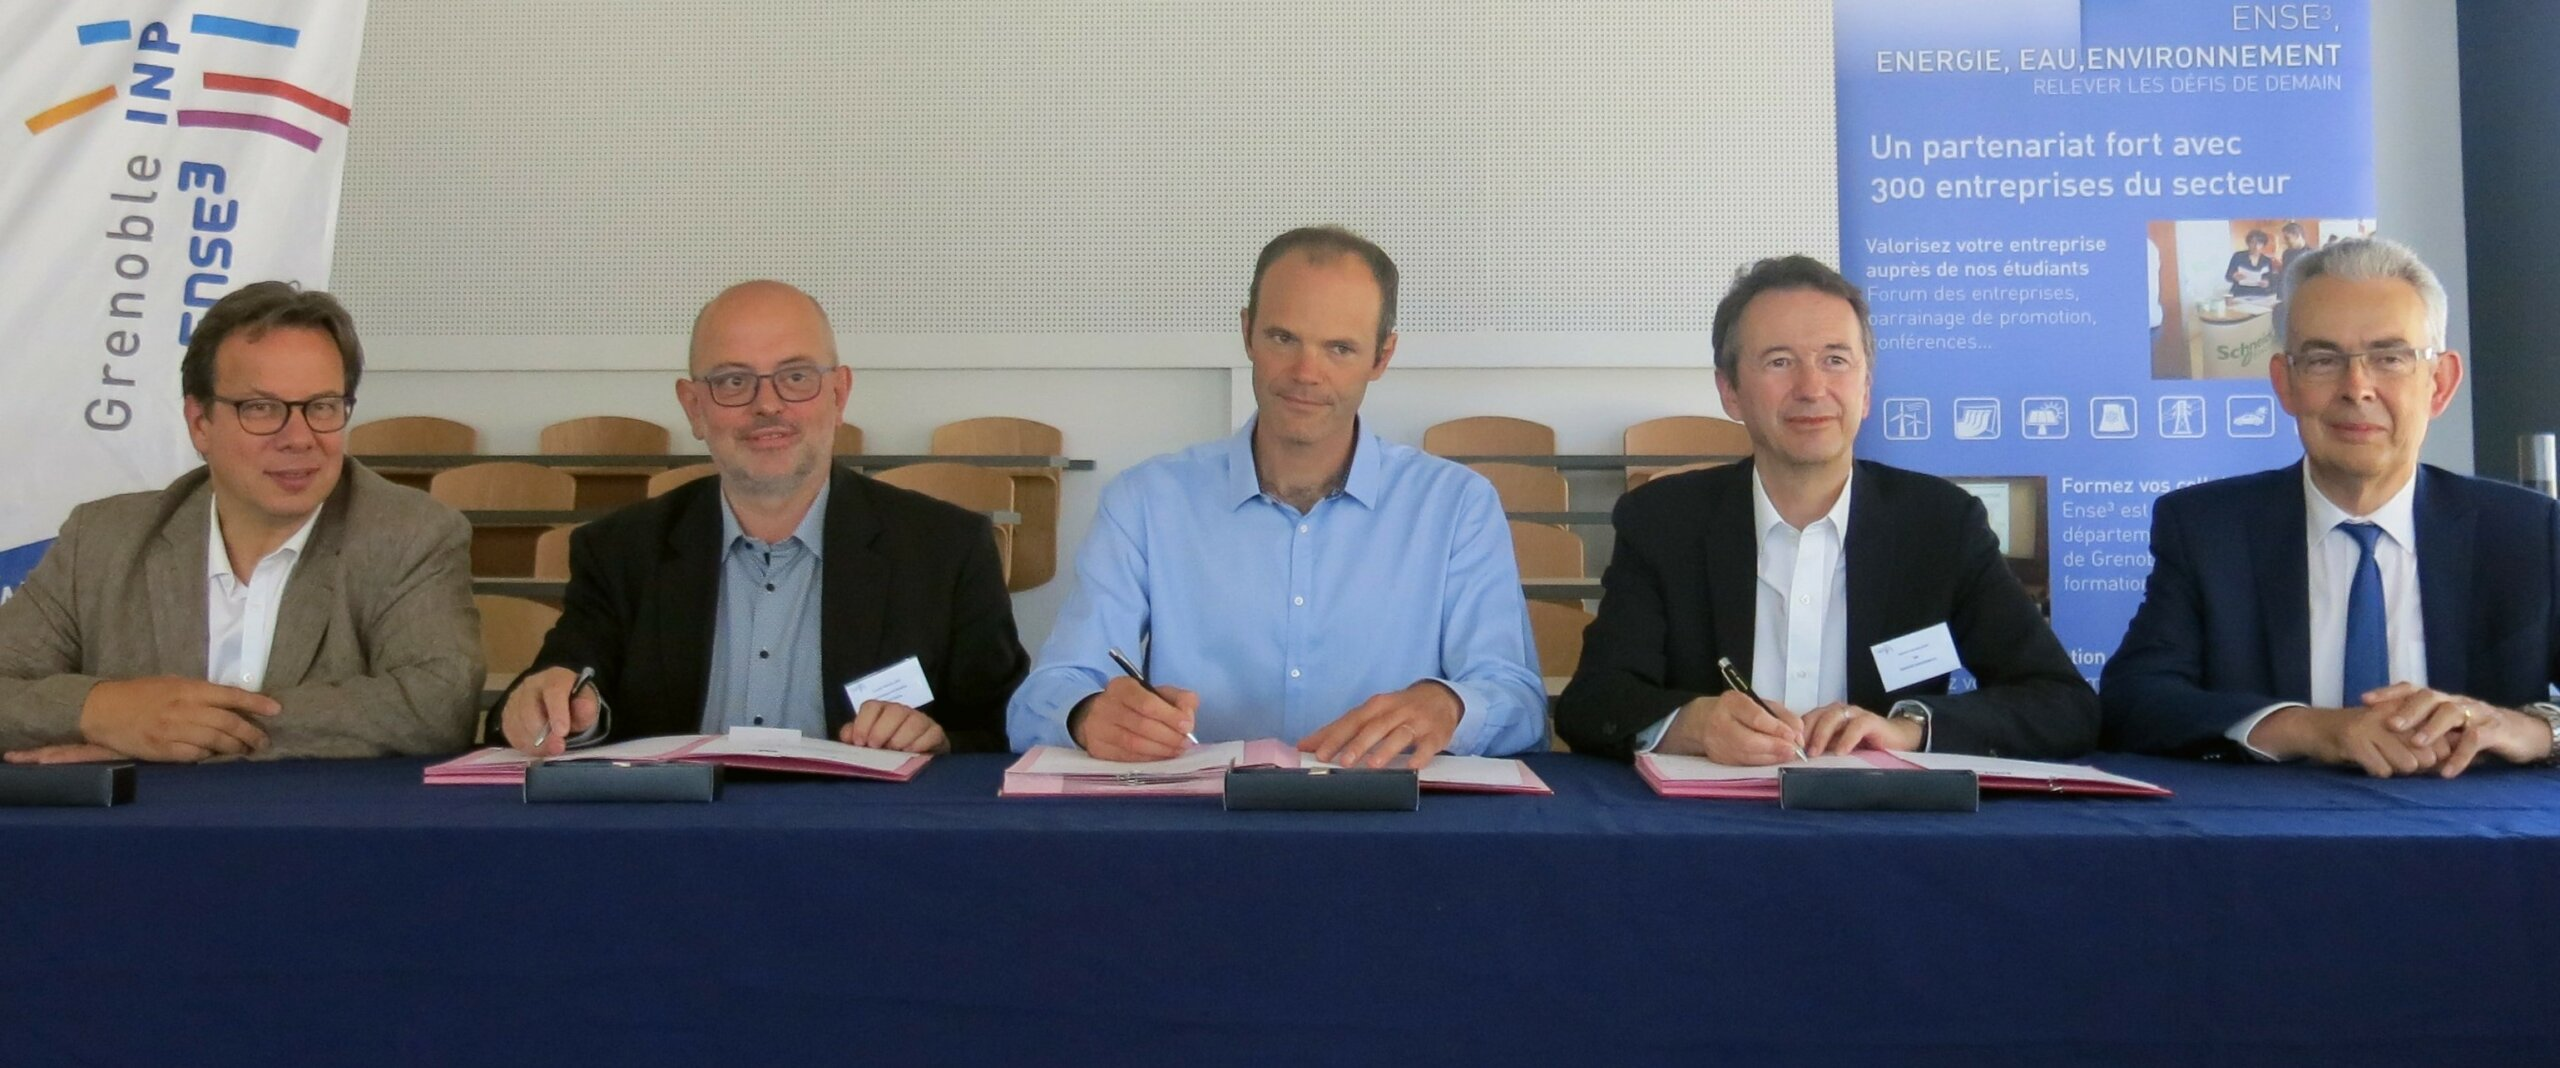 Automatique & Industrie, Groupe BRL et Urbasolar signent un contrat de partenariat de 3 ans